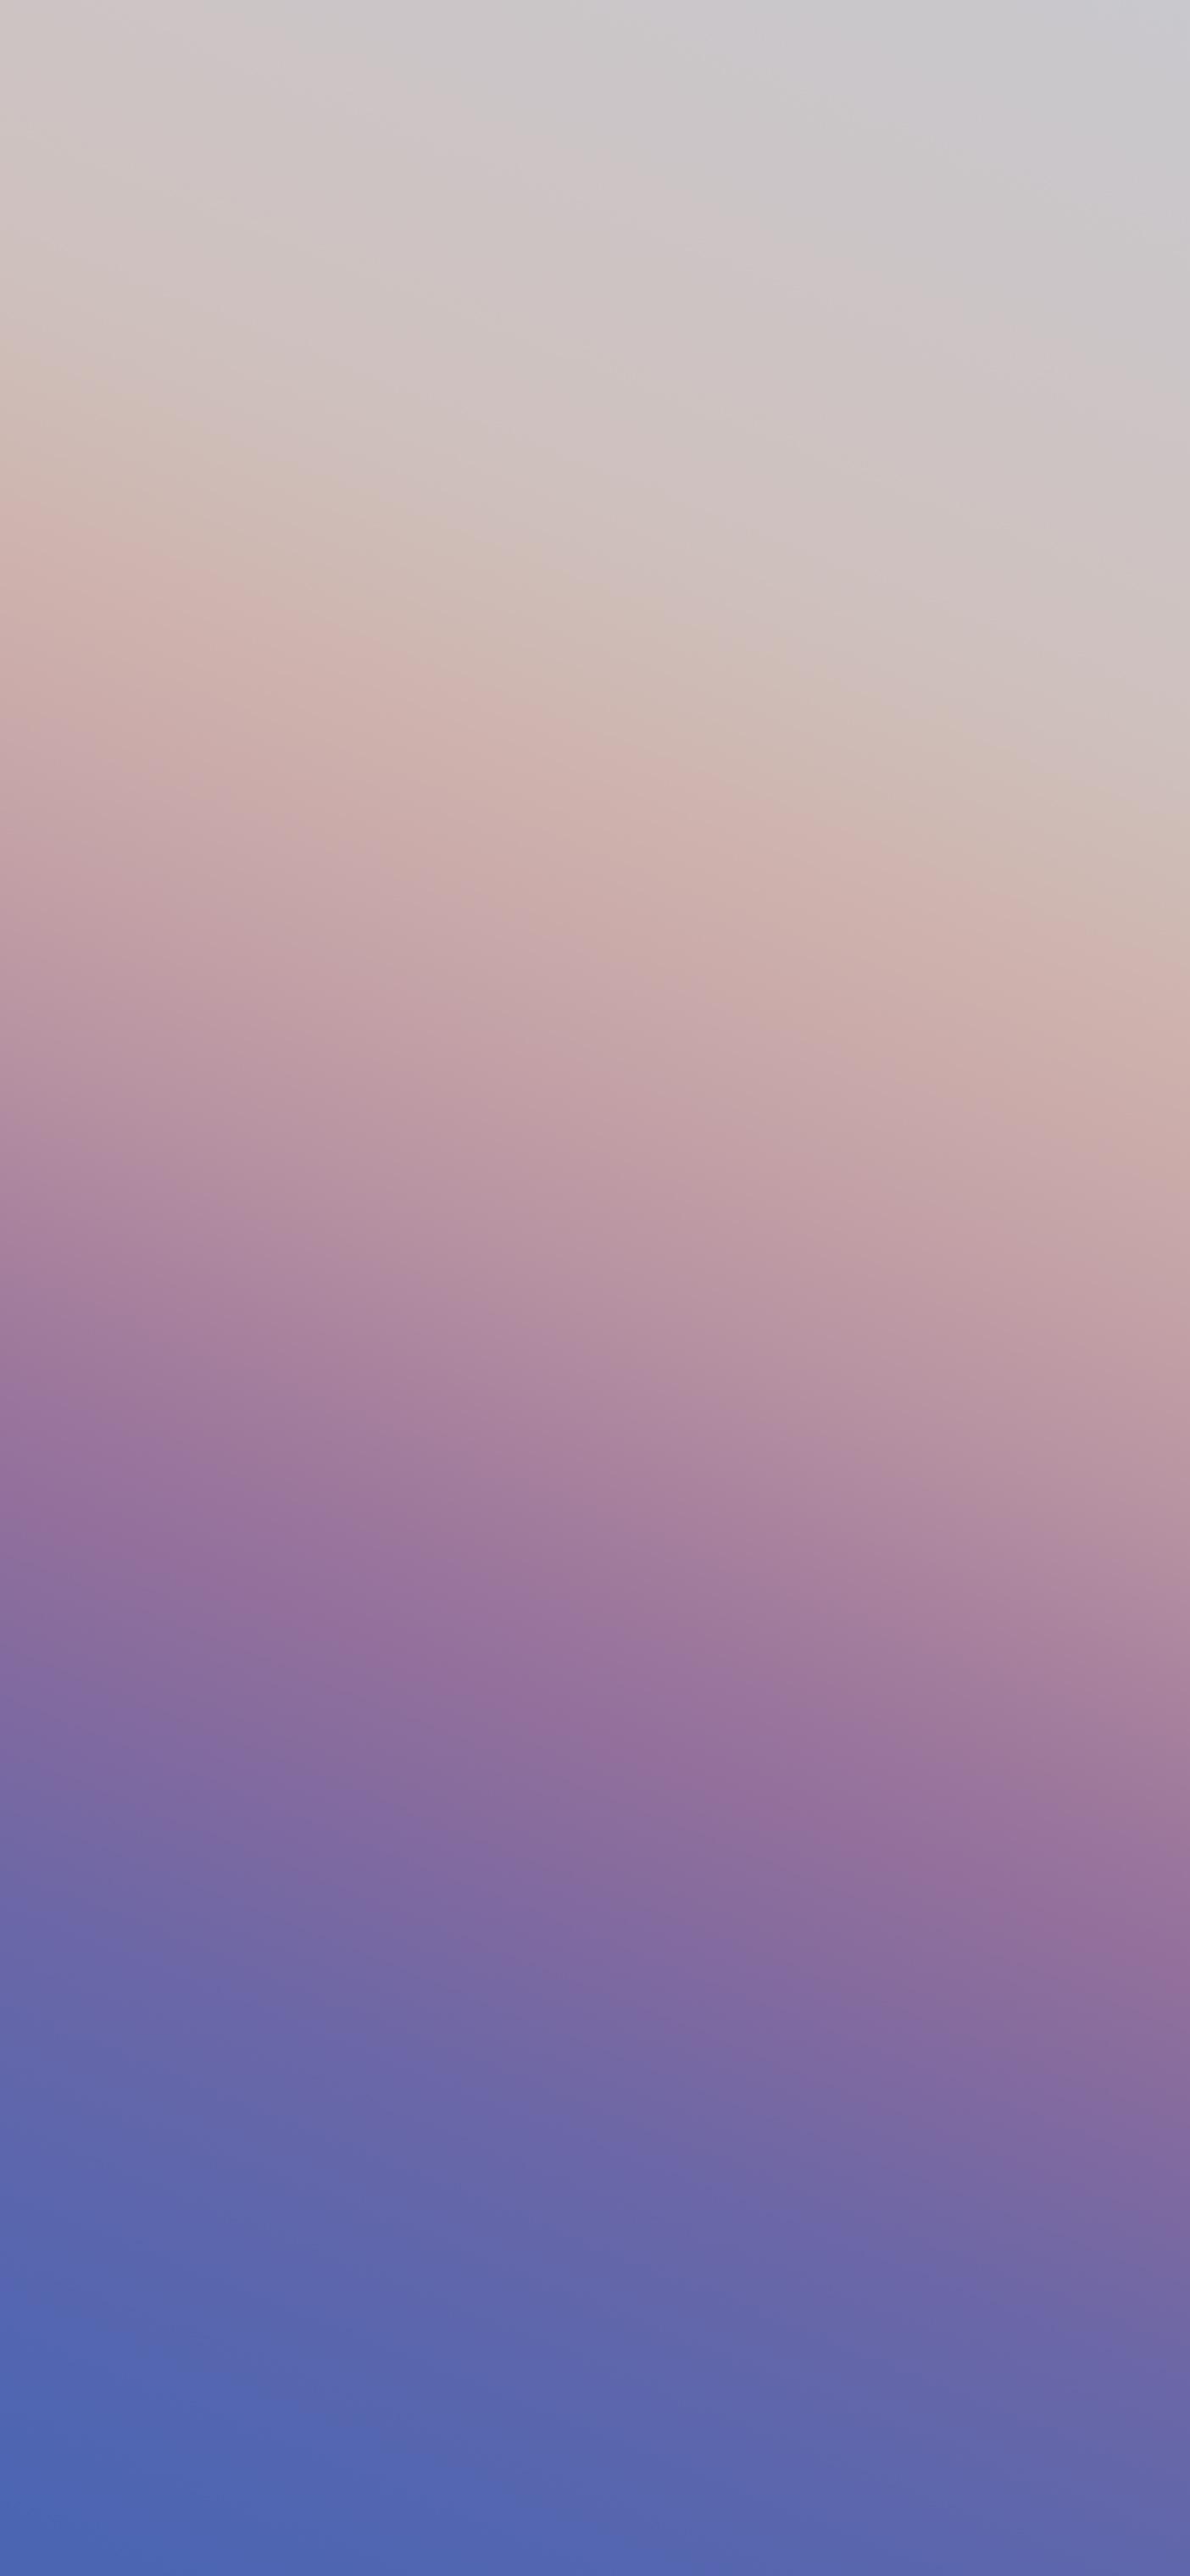 Gradient iPhone Wallpaper 1